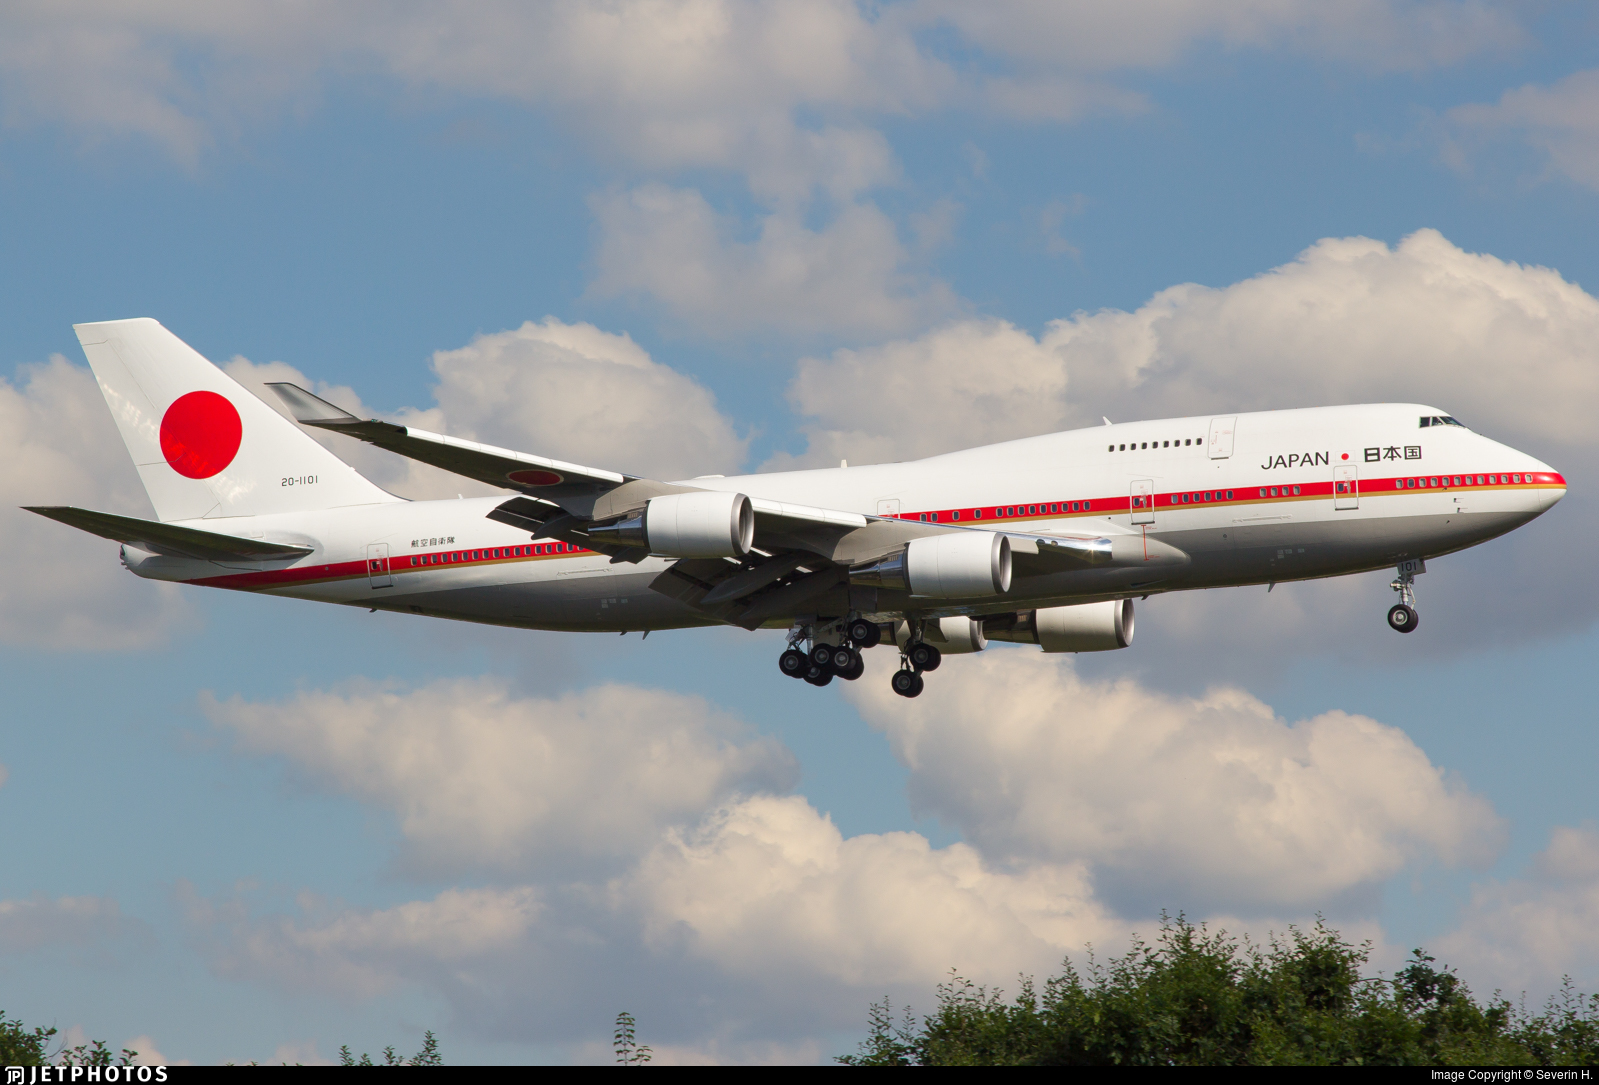 20-1101 - Boeing 747-47C - Japan - Air Self Defence Force (JASDF)